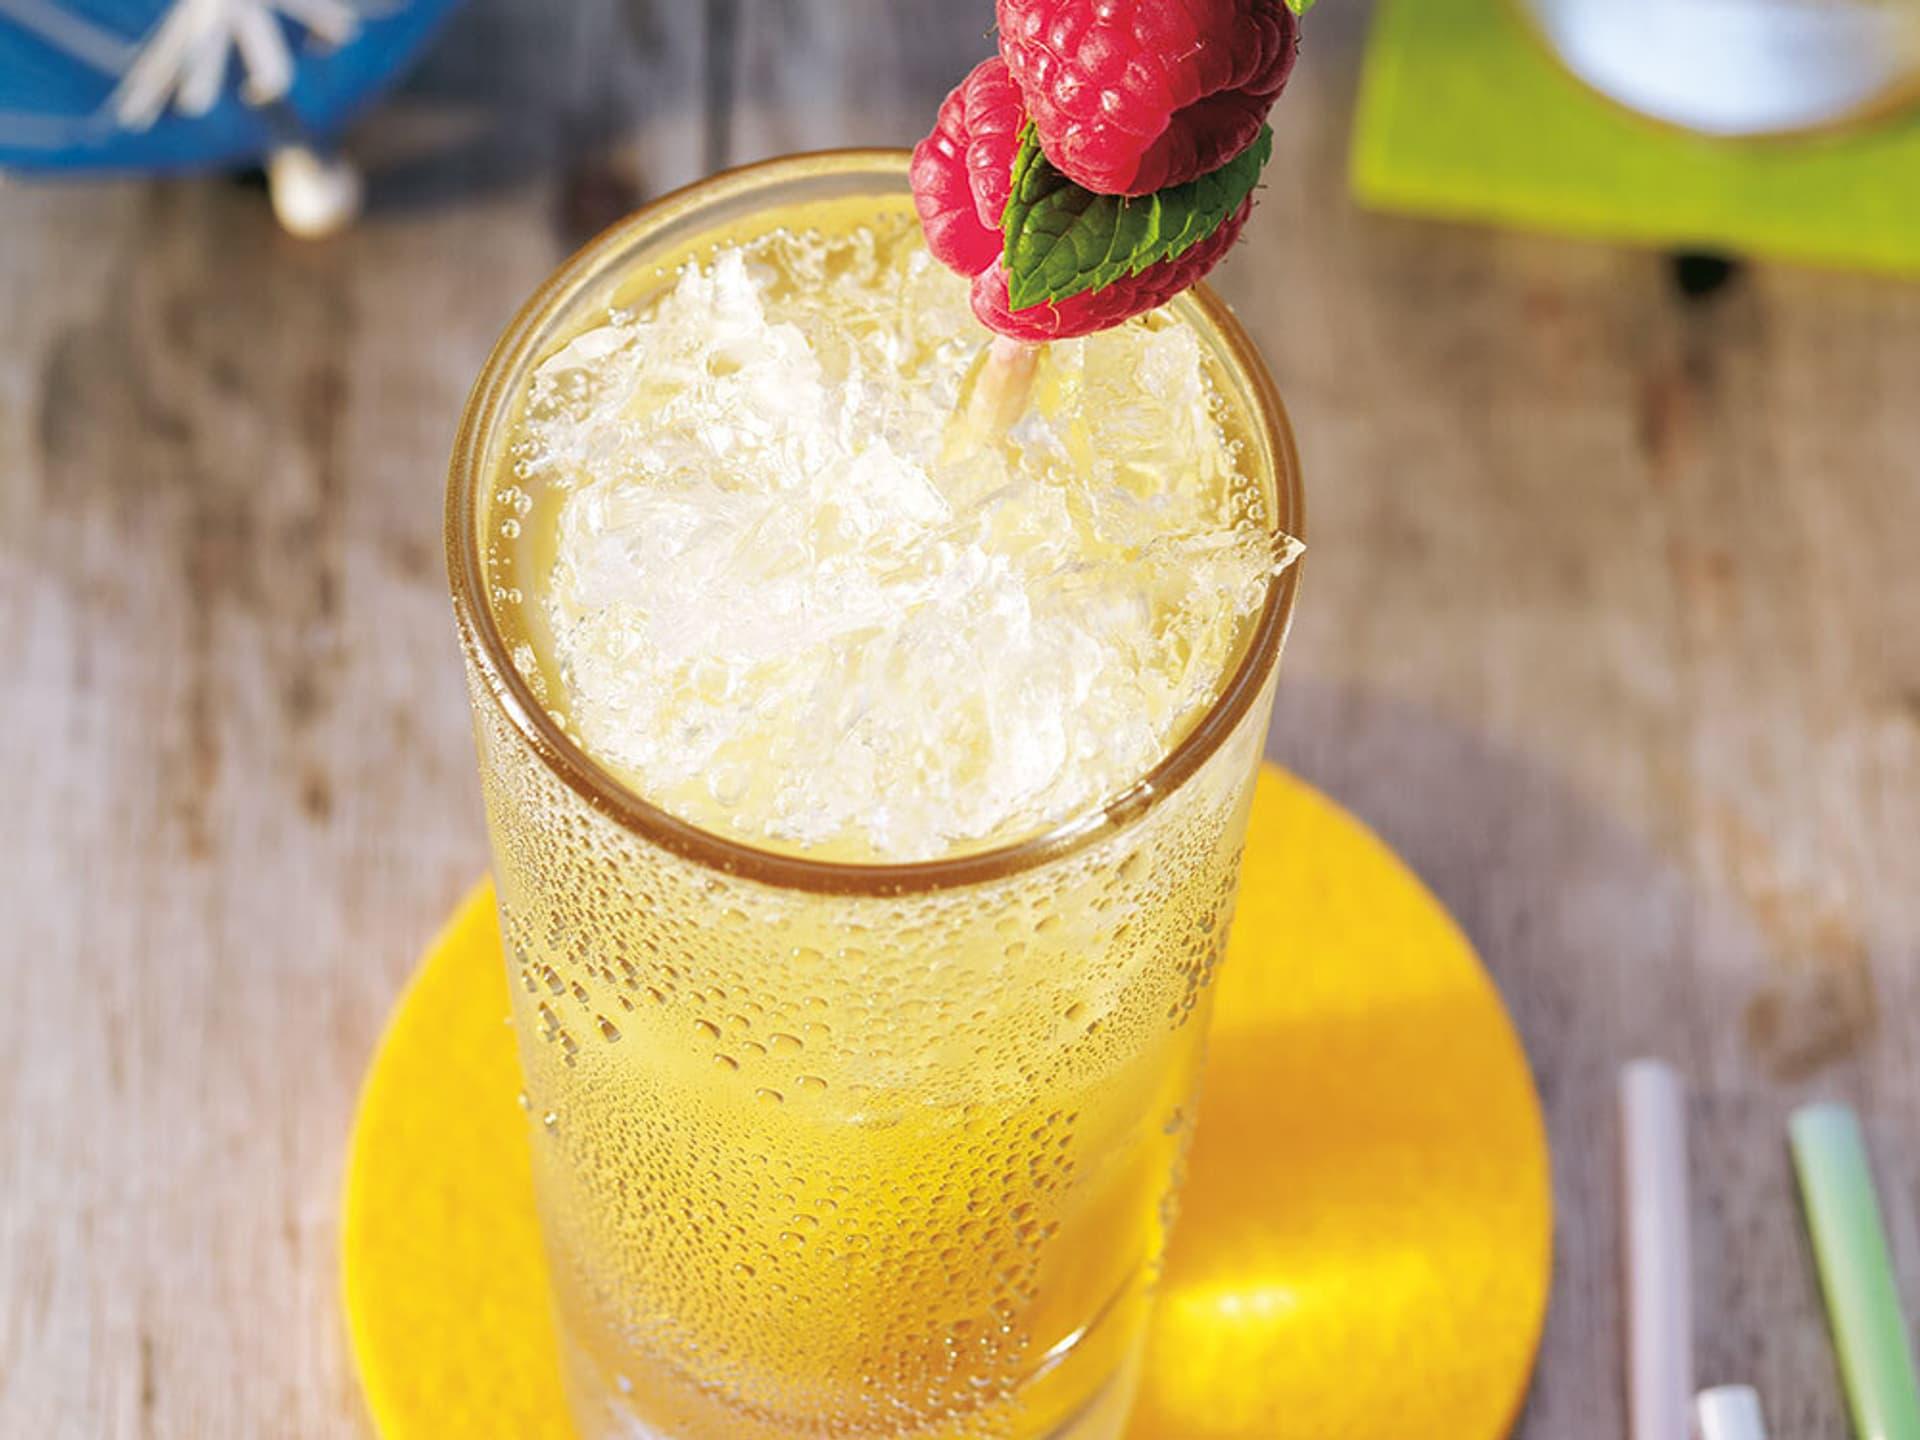 Ein Glas mit einem Getränk